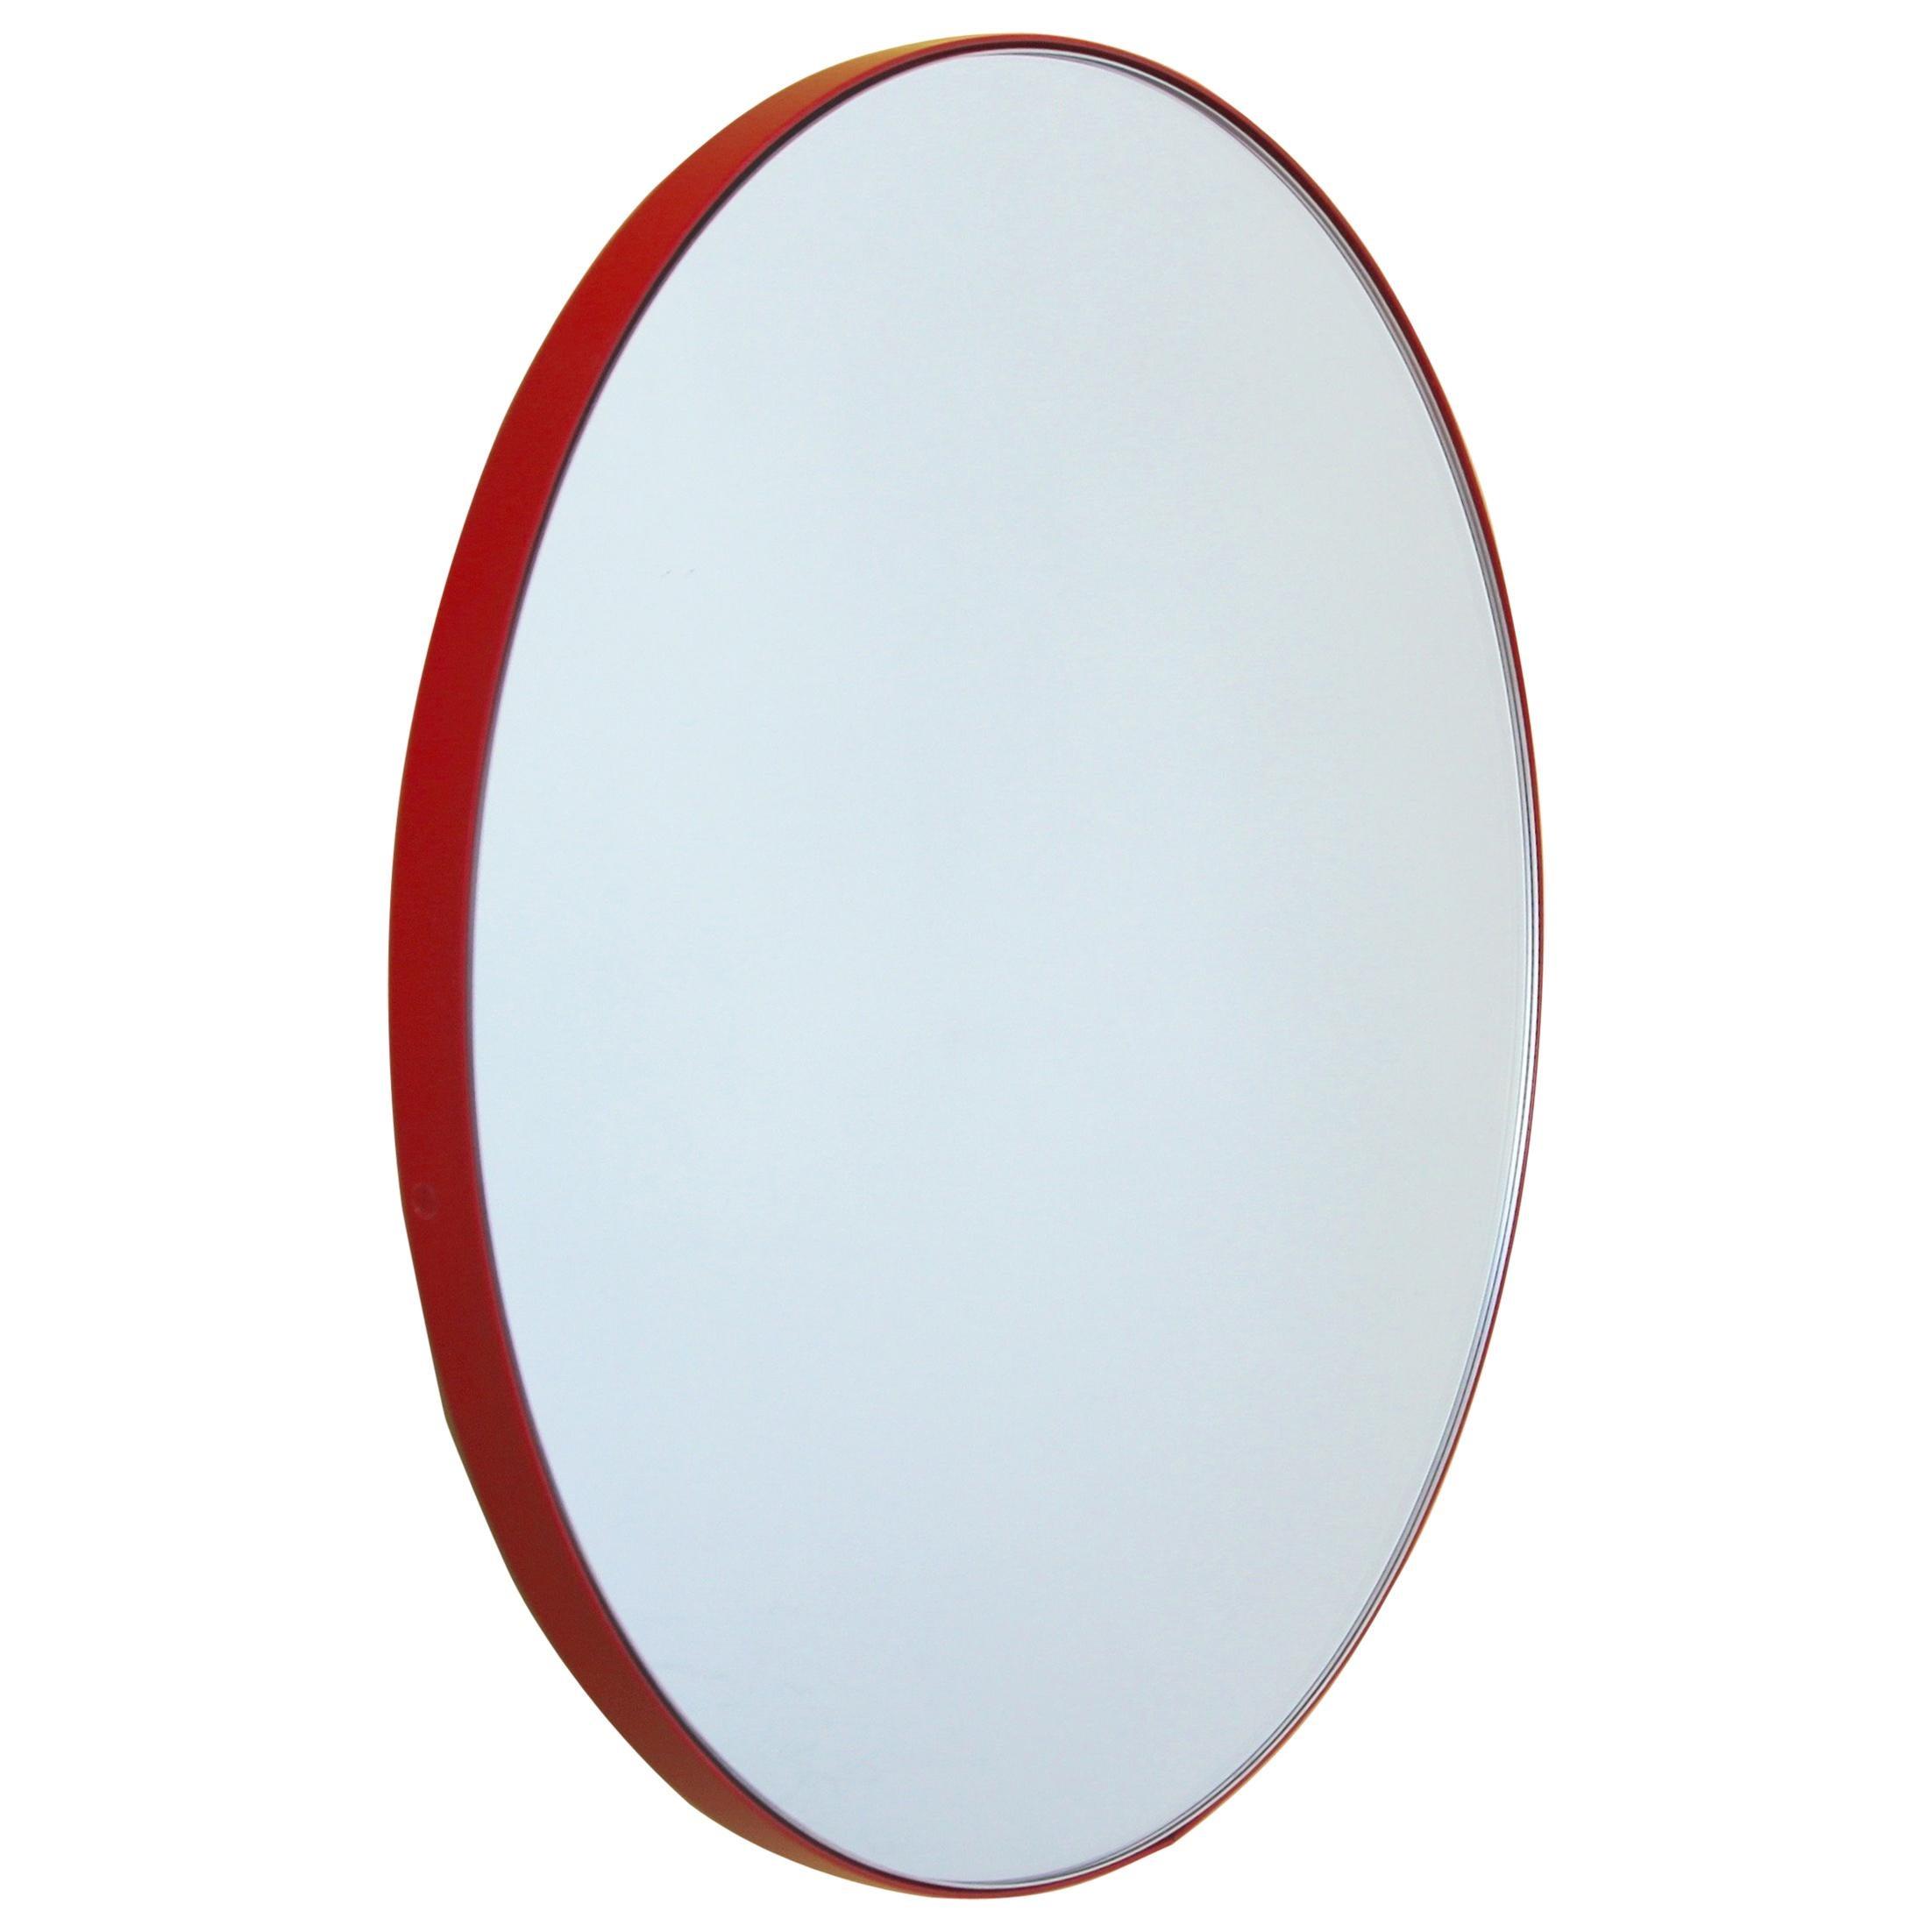 Orbis™ Round Minimalist Bespoke Mirror with Red Frame - Medium